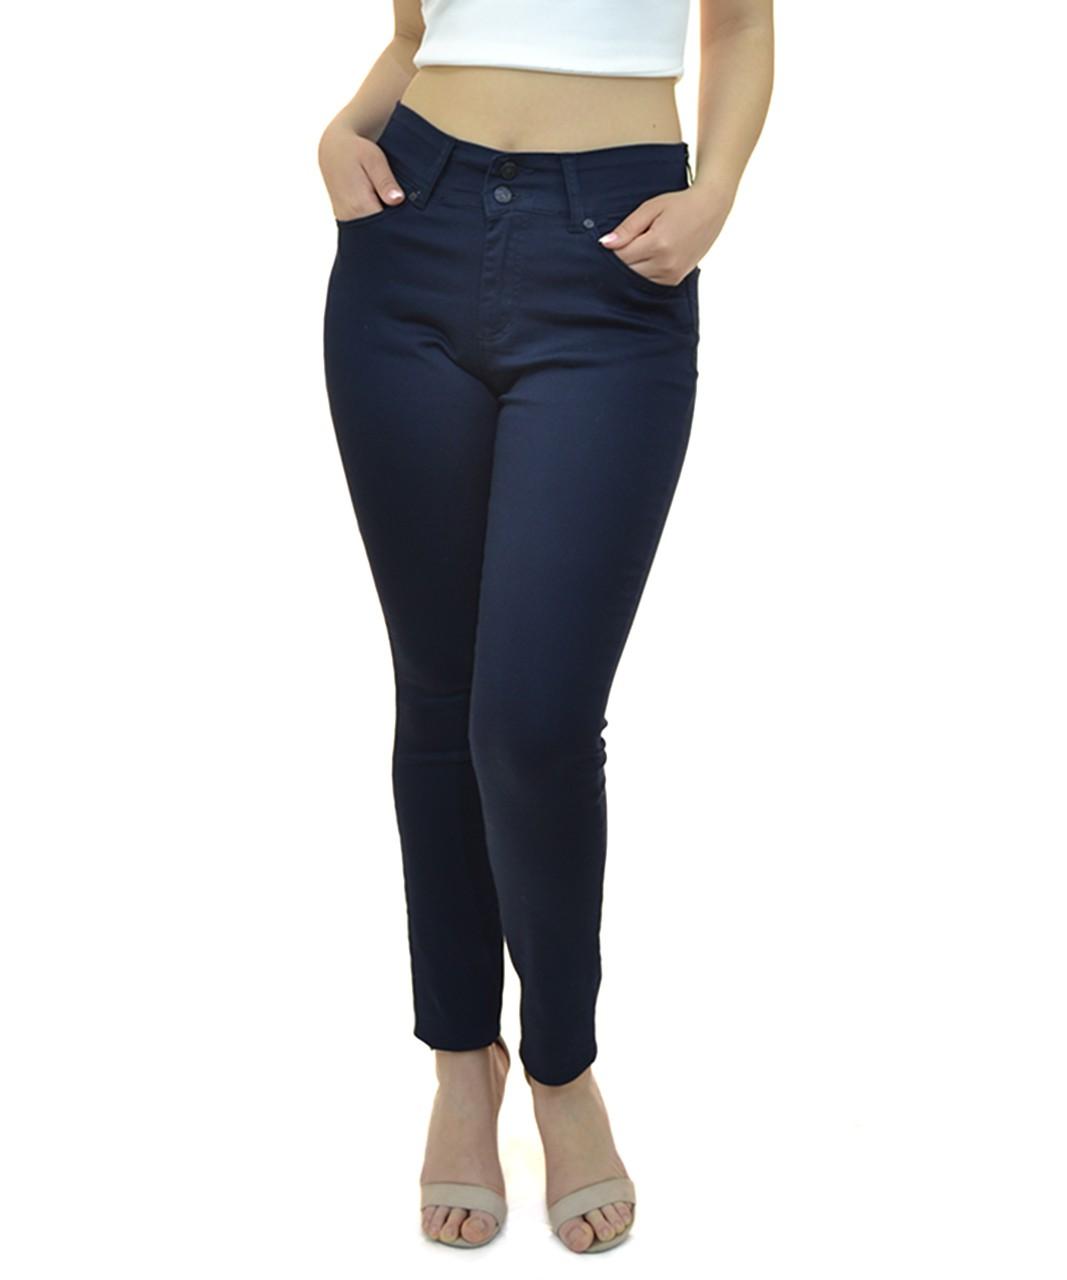 Παντελόνι Ελαστικό για Μεγάλα Μεγέθη